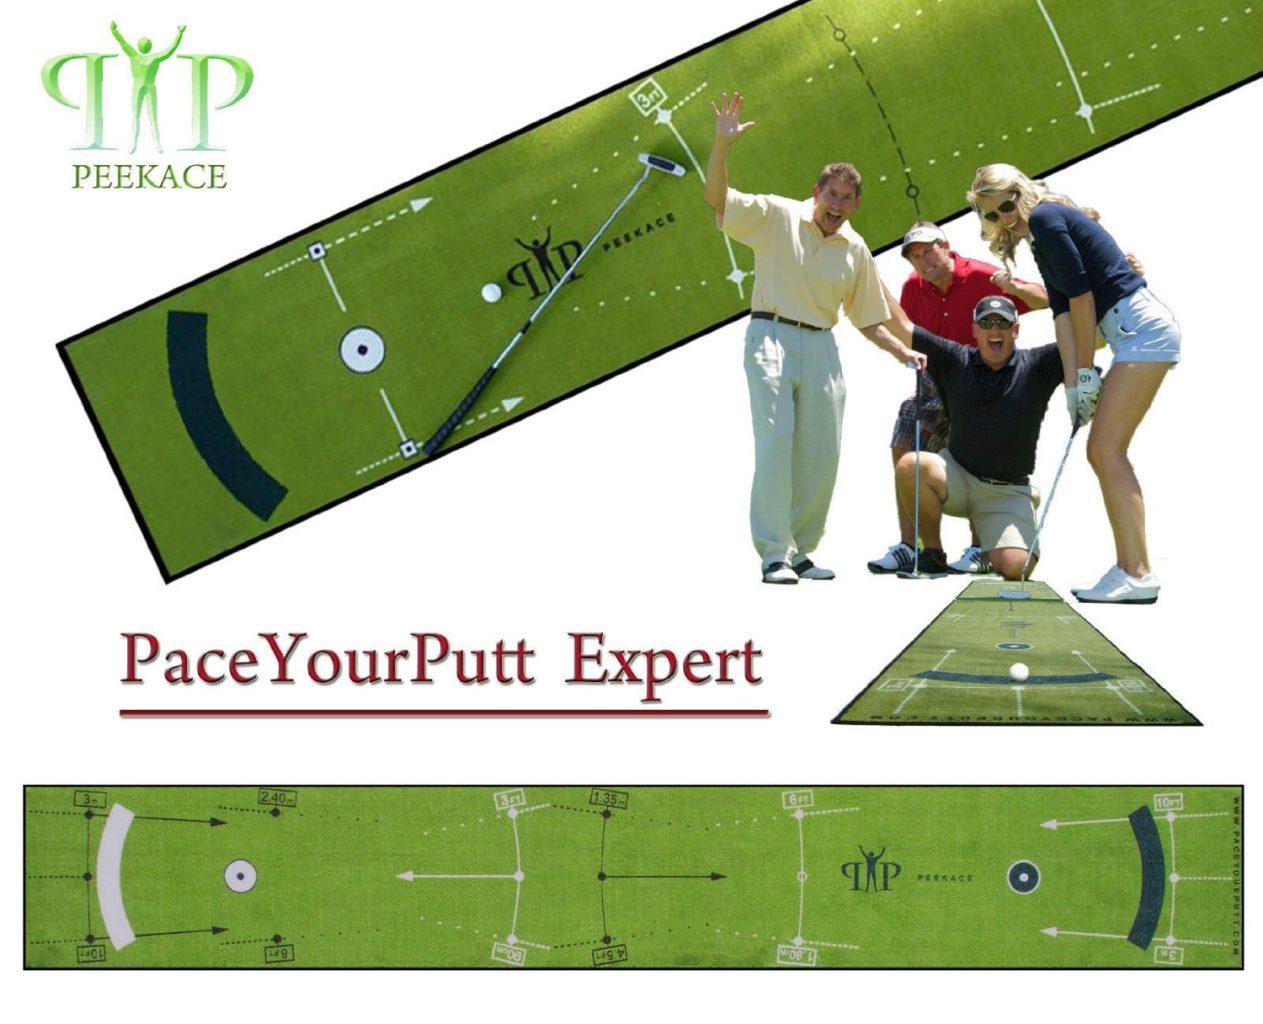 Tapis de Putting Peekace PaceYourPutt Expert 60cm x 400cm